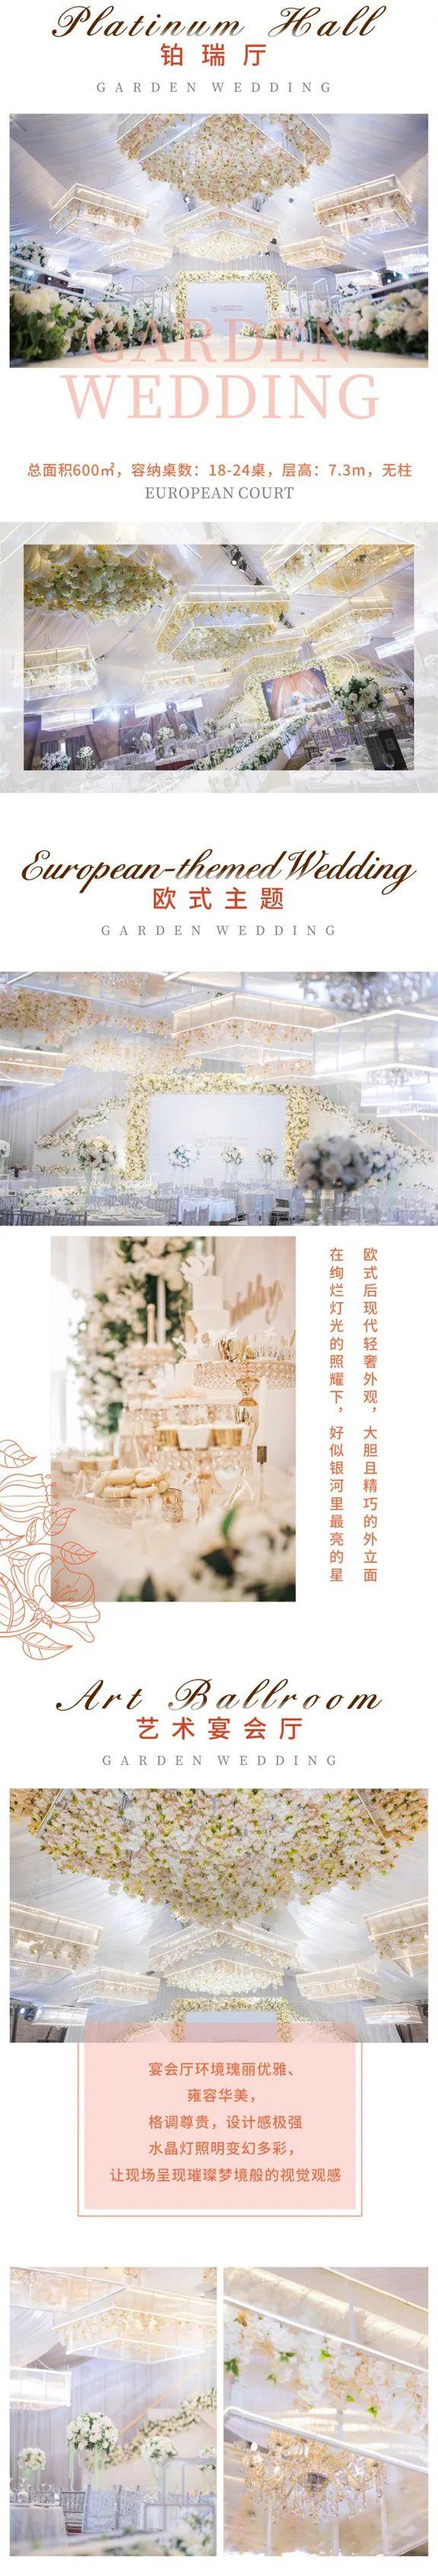 婚礼堂发布:8大场地!华中地区园林式宴会领军者  第8张